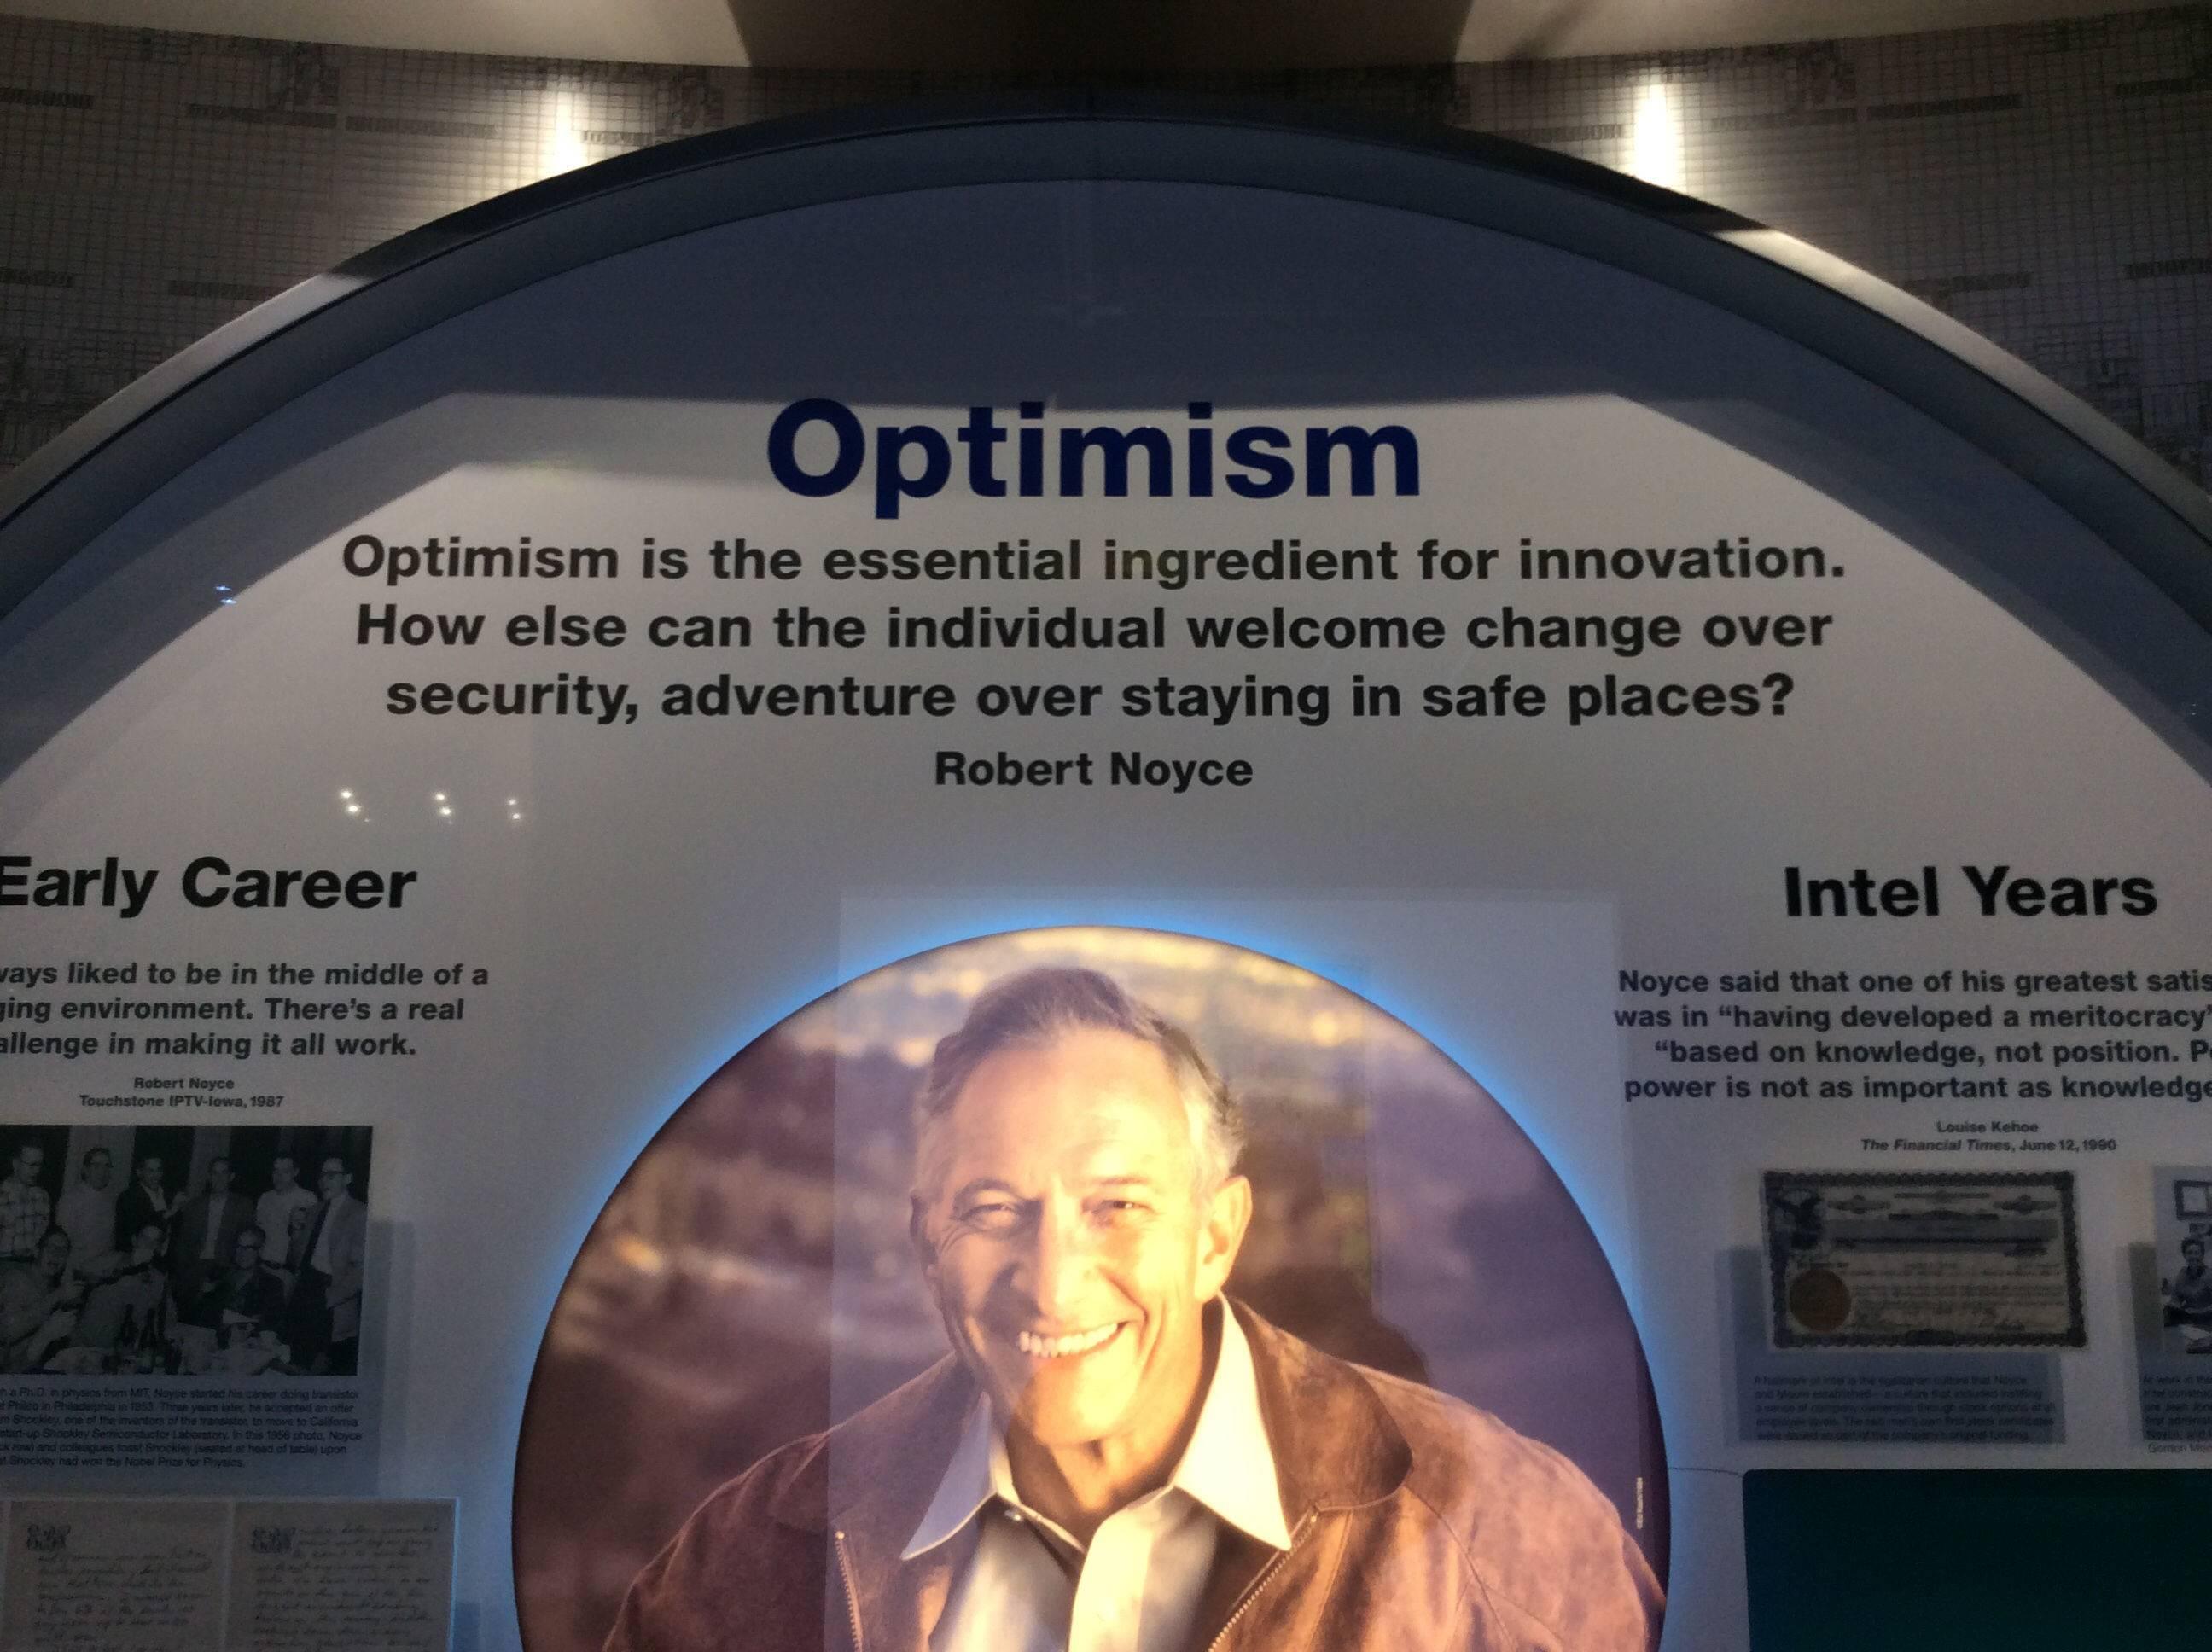 英特尔博物馆-乐观.jpg